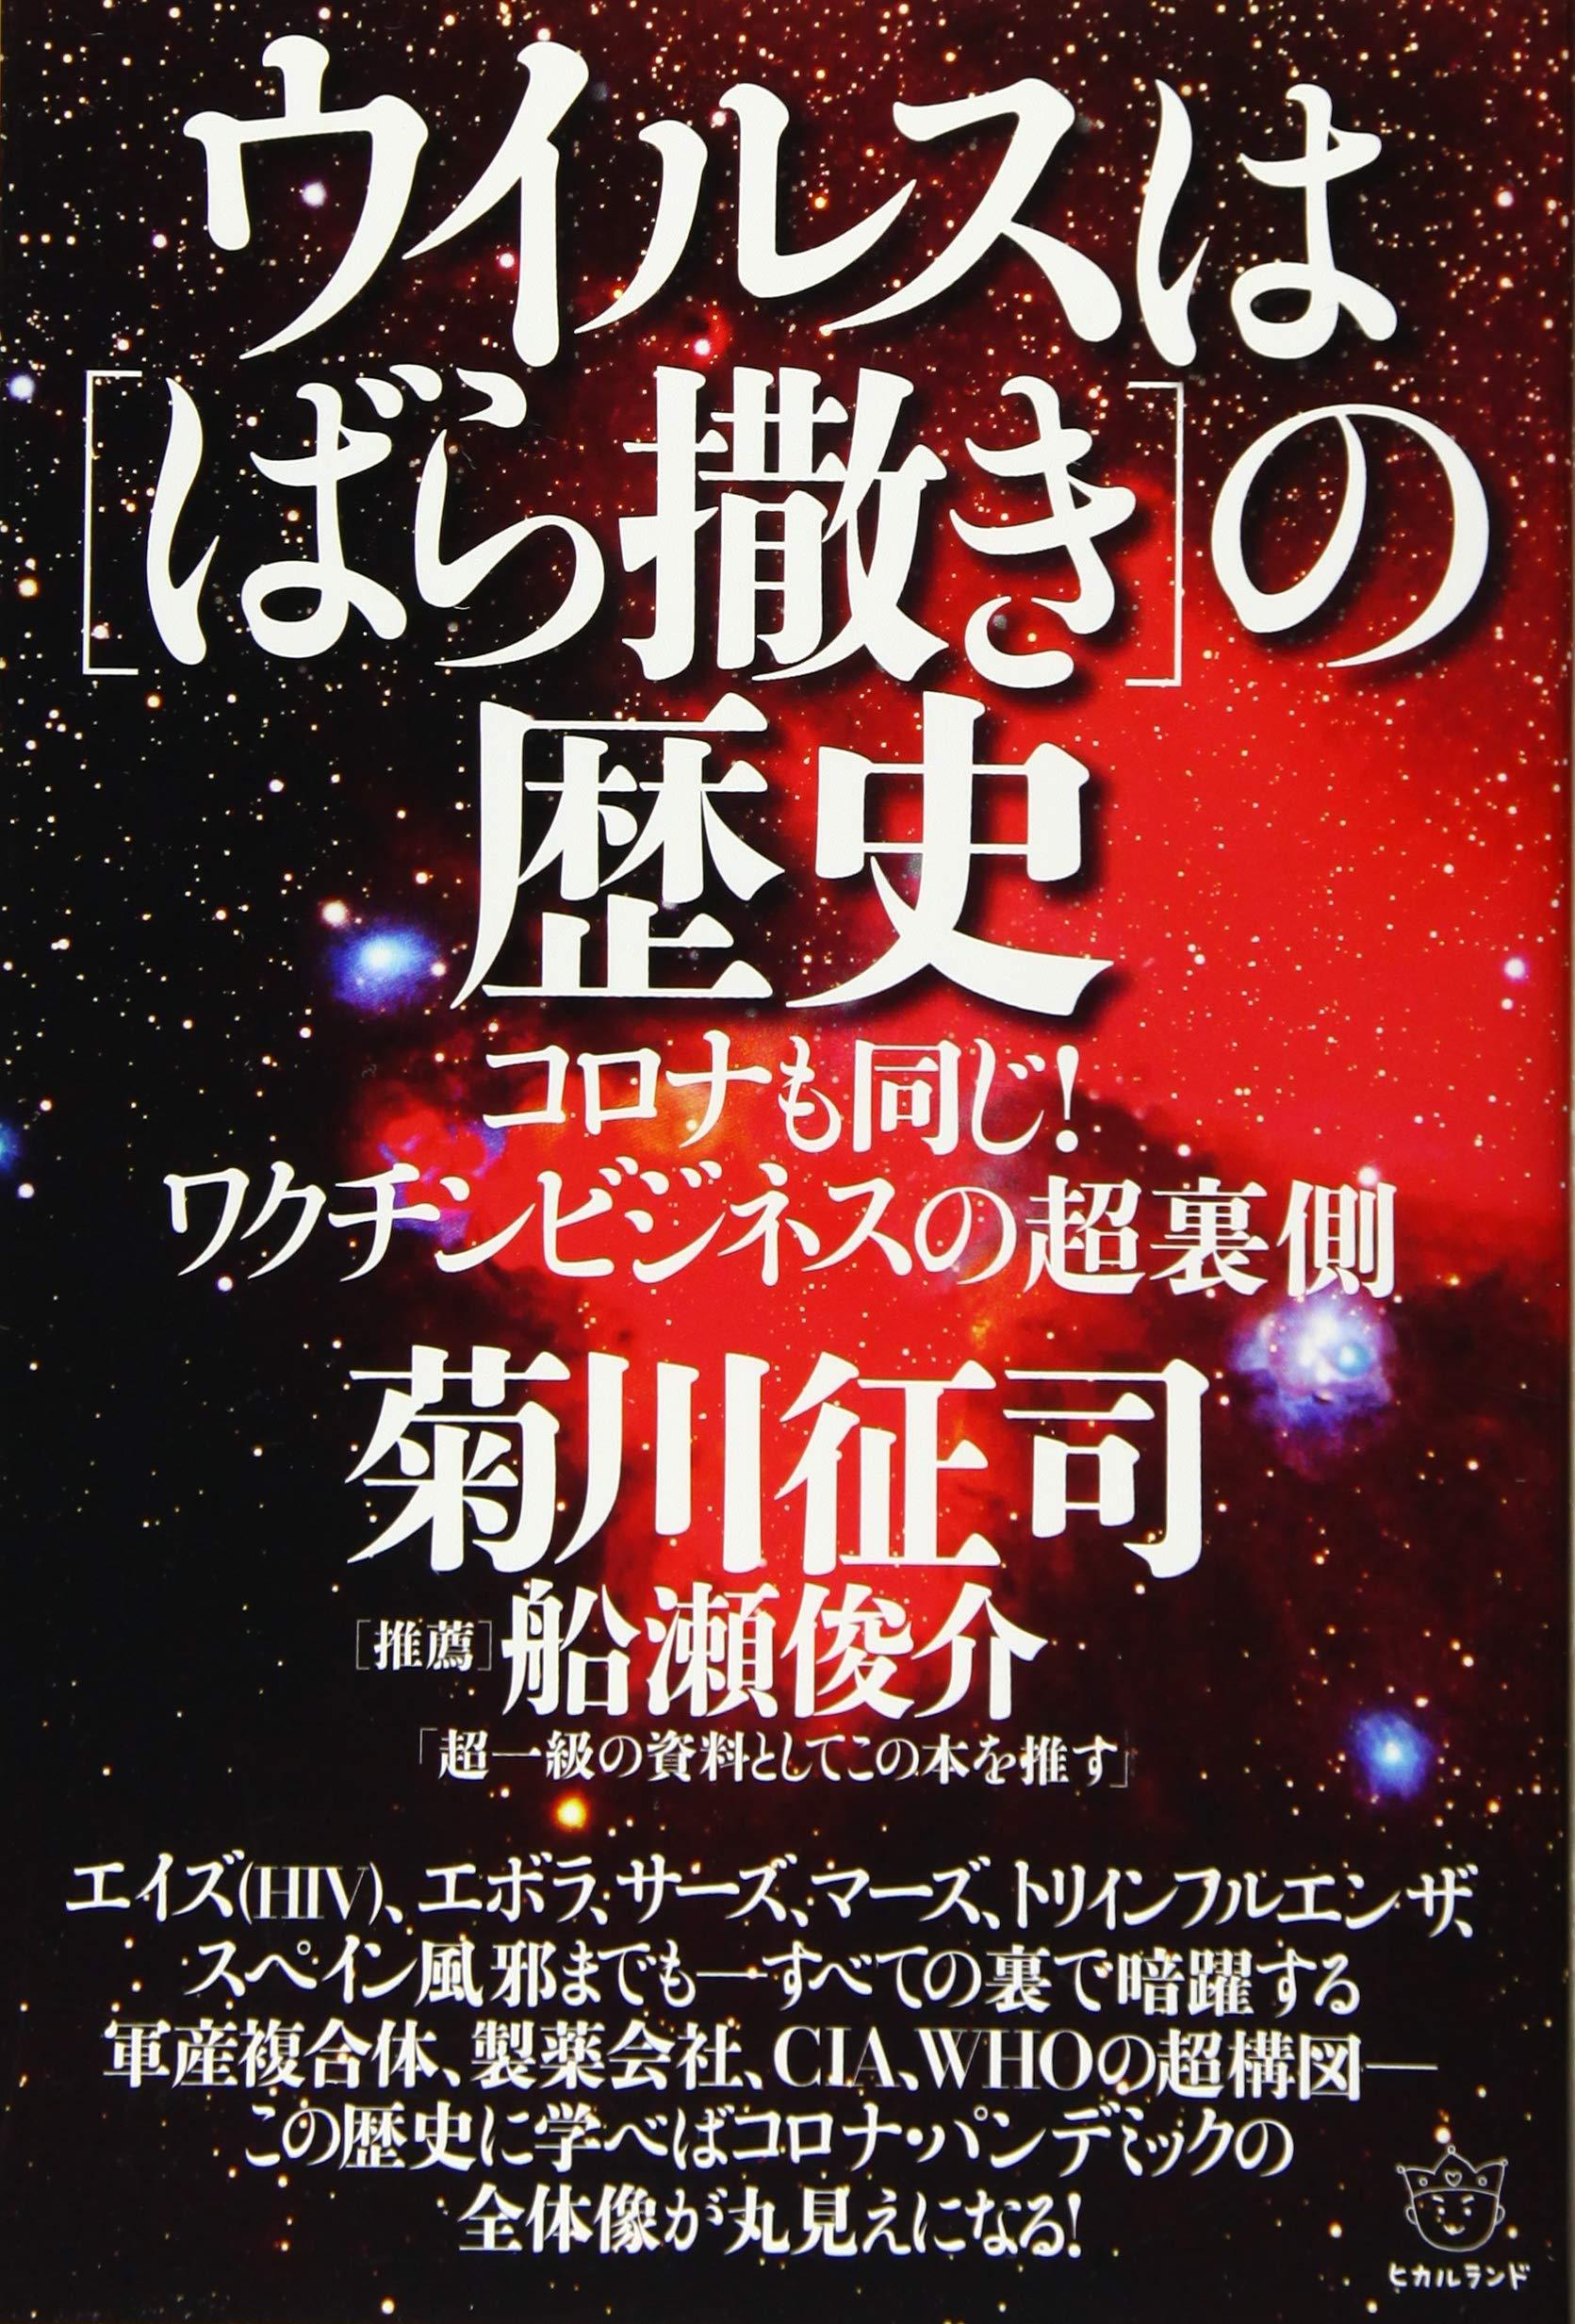 ウイルスは[ばら撒き]の歴史 | 菊川 征司, 船瀬 俊介 |本 | 通販 | Amazon